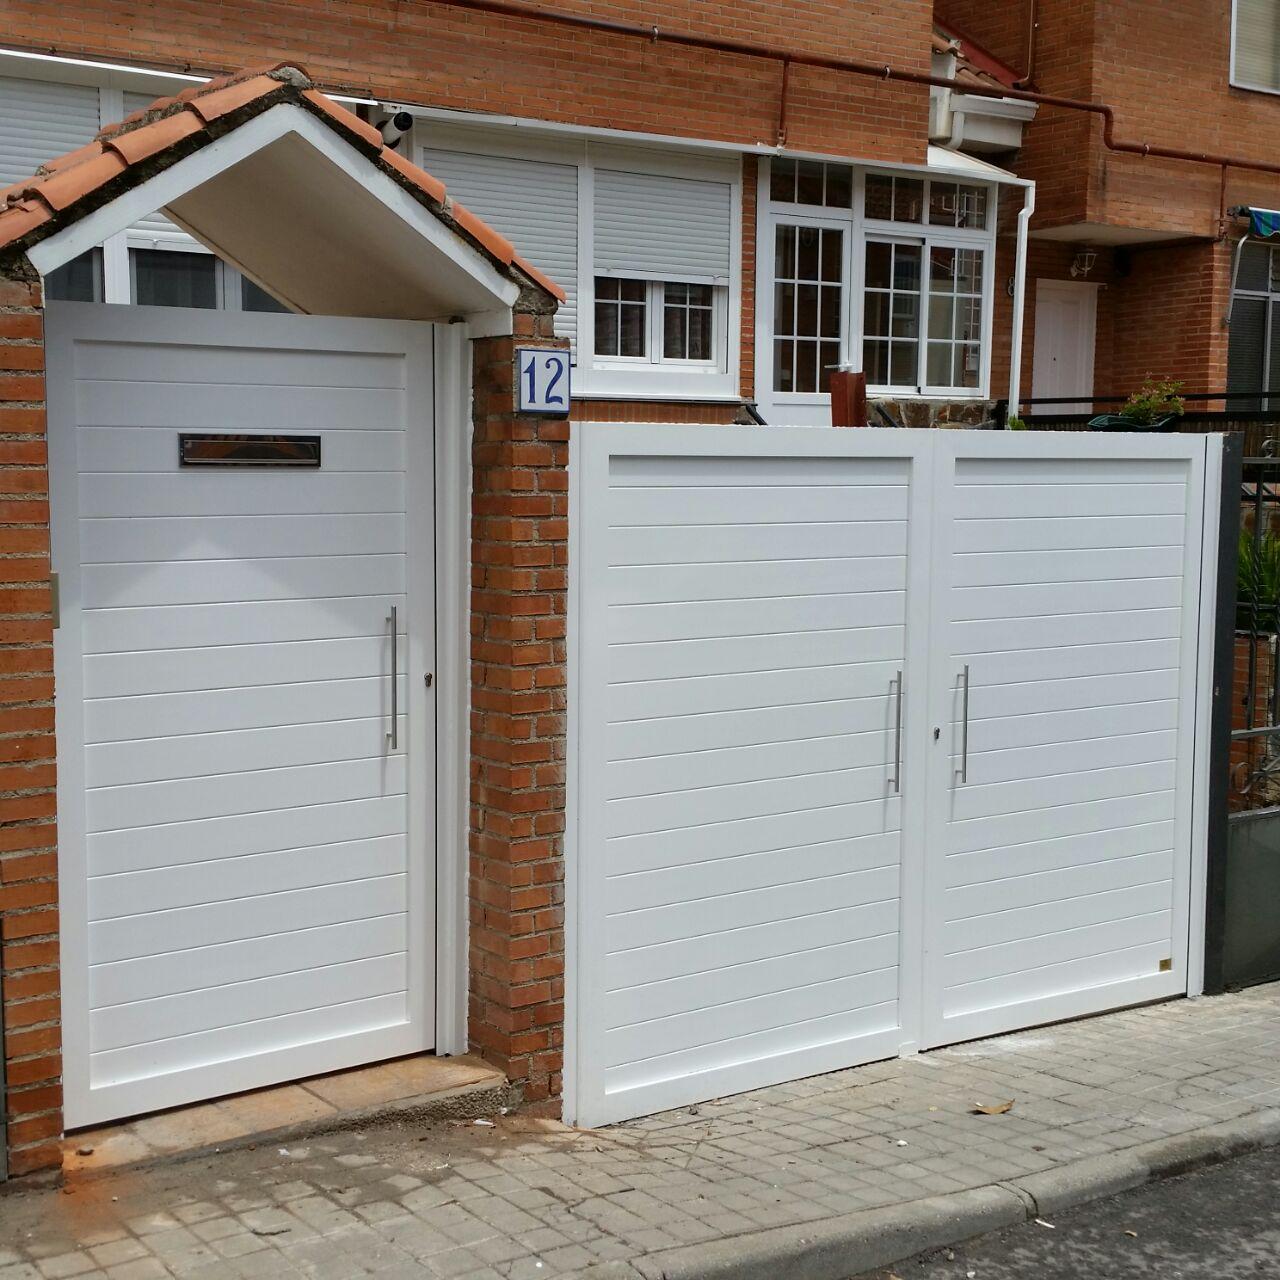 Puertas de aluminio soldadas modelo batres grupo marver - Puertas de valla ...